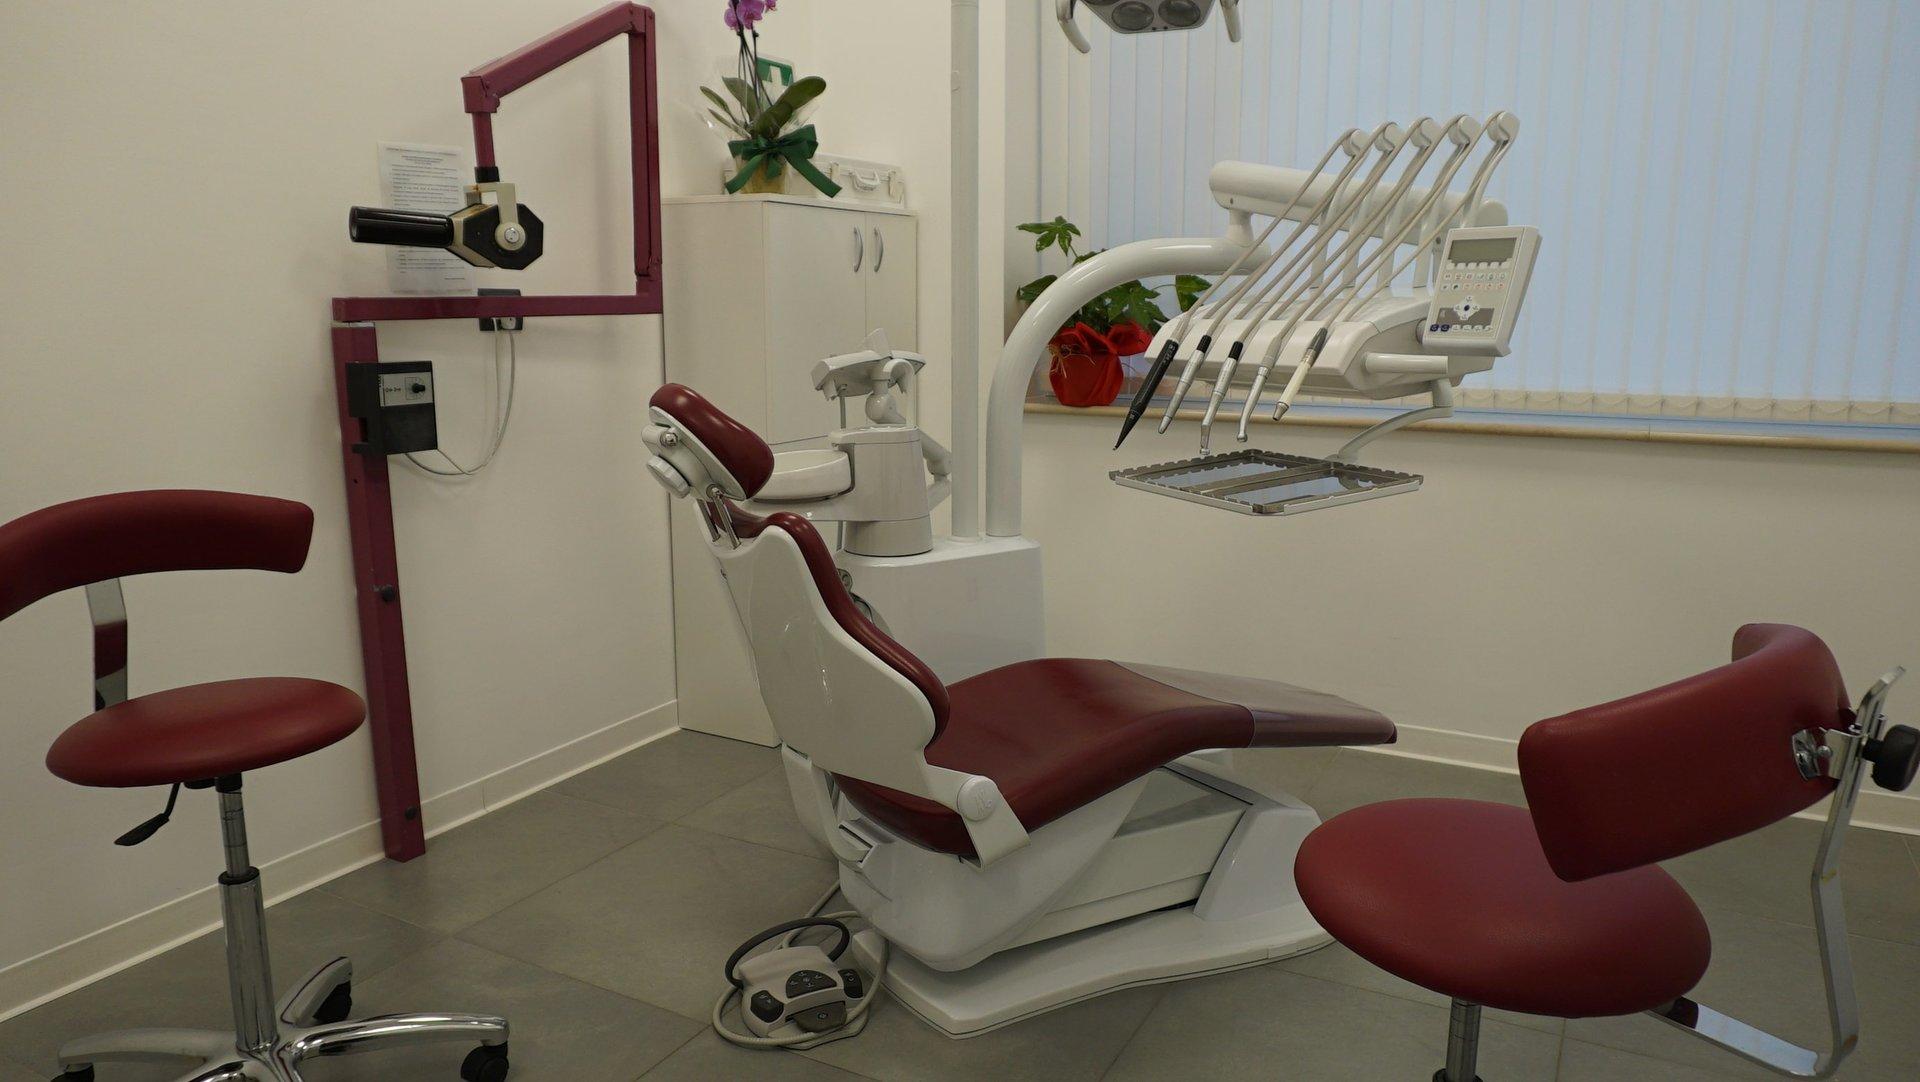 attrezzatura da dentista